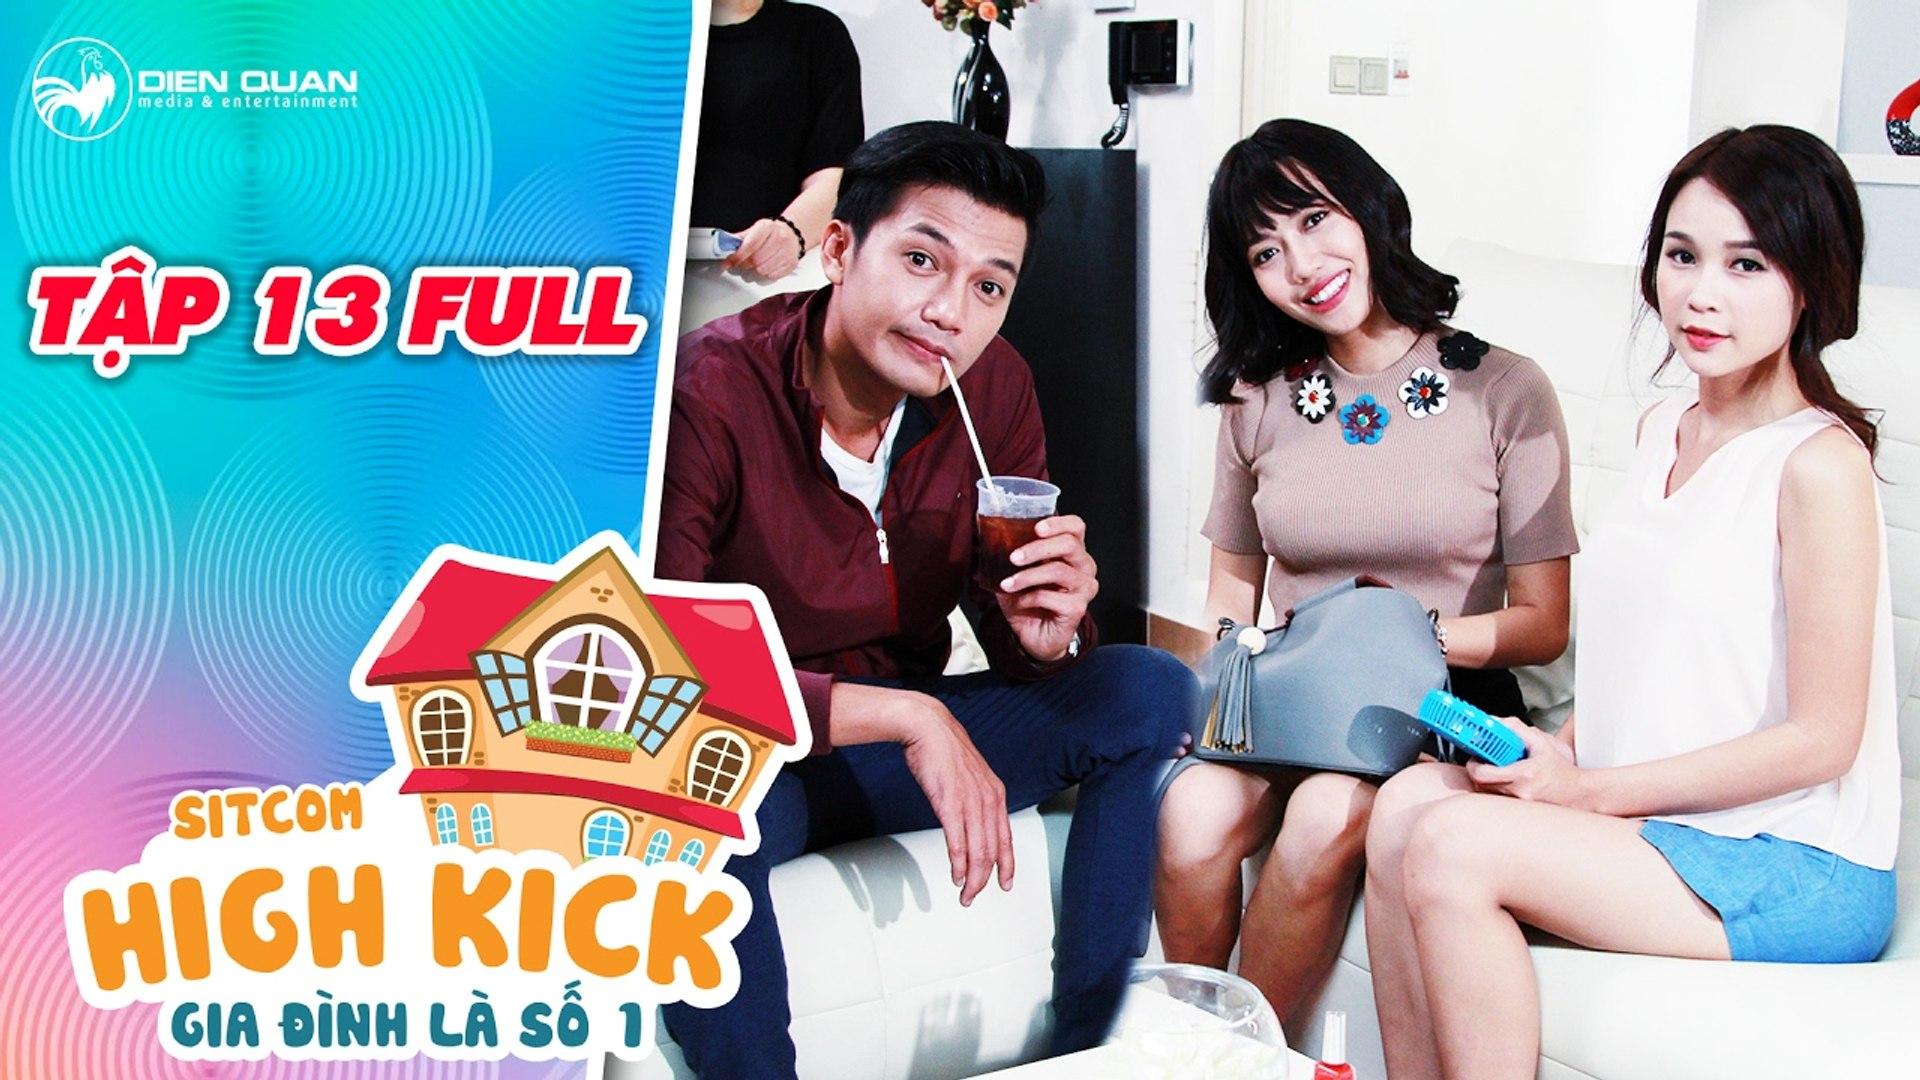 Gia đình là số 1 sitcom - tập 13 full- chết cười khi Quang Tuấn, Diệu Nhi, Sam cùng thuê luật sư dỏm